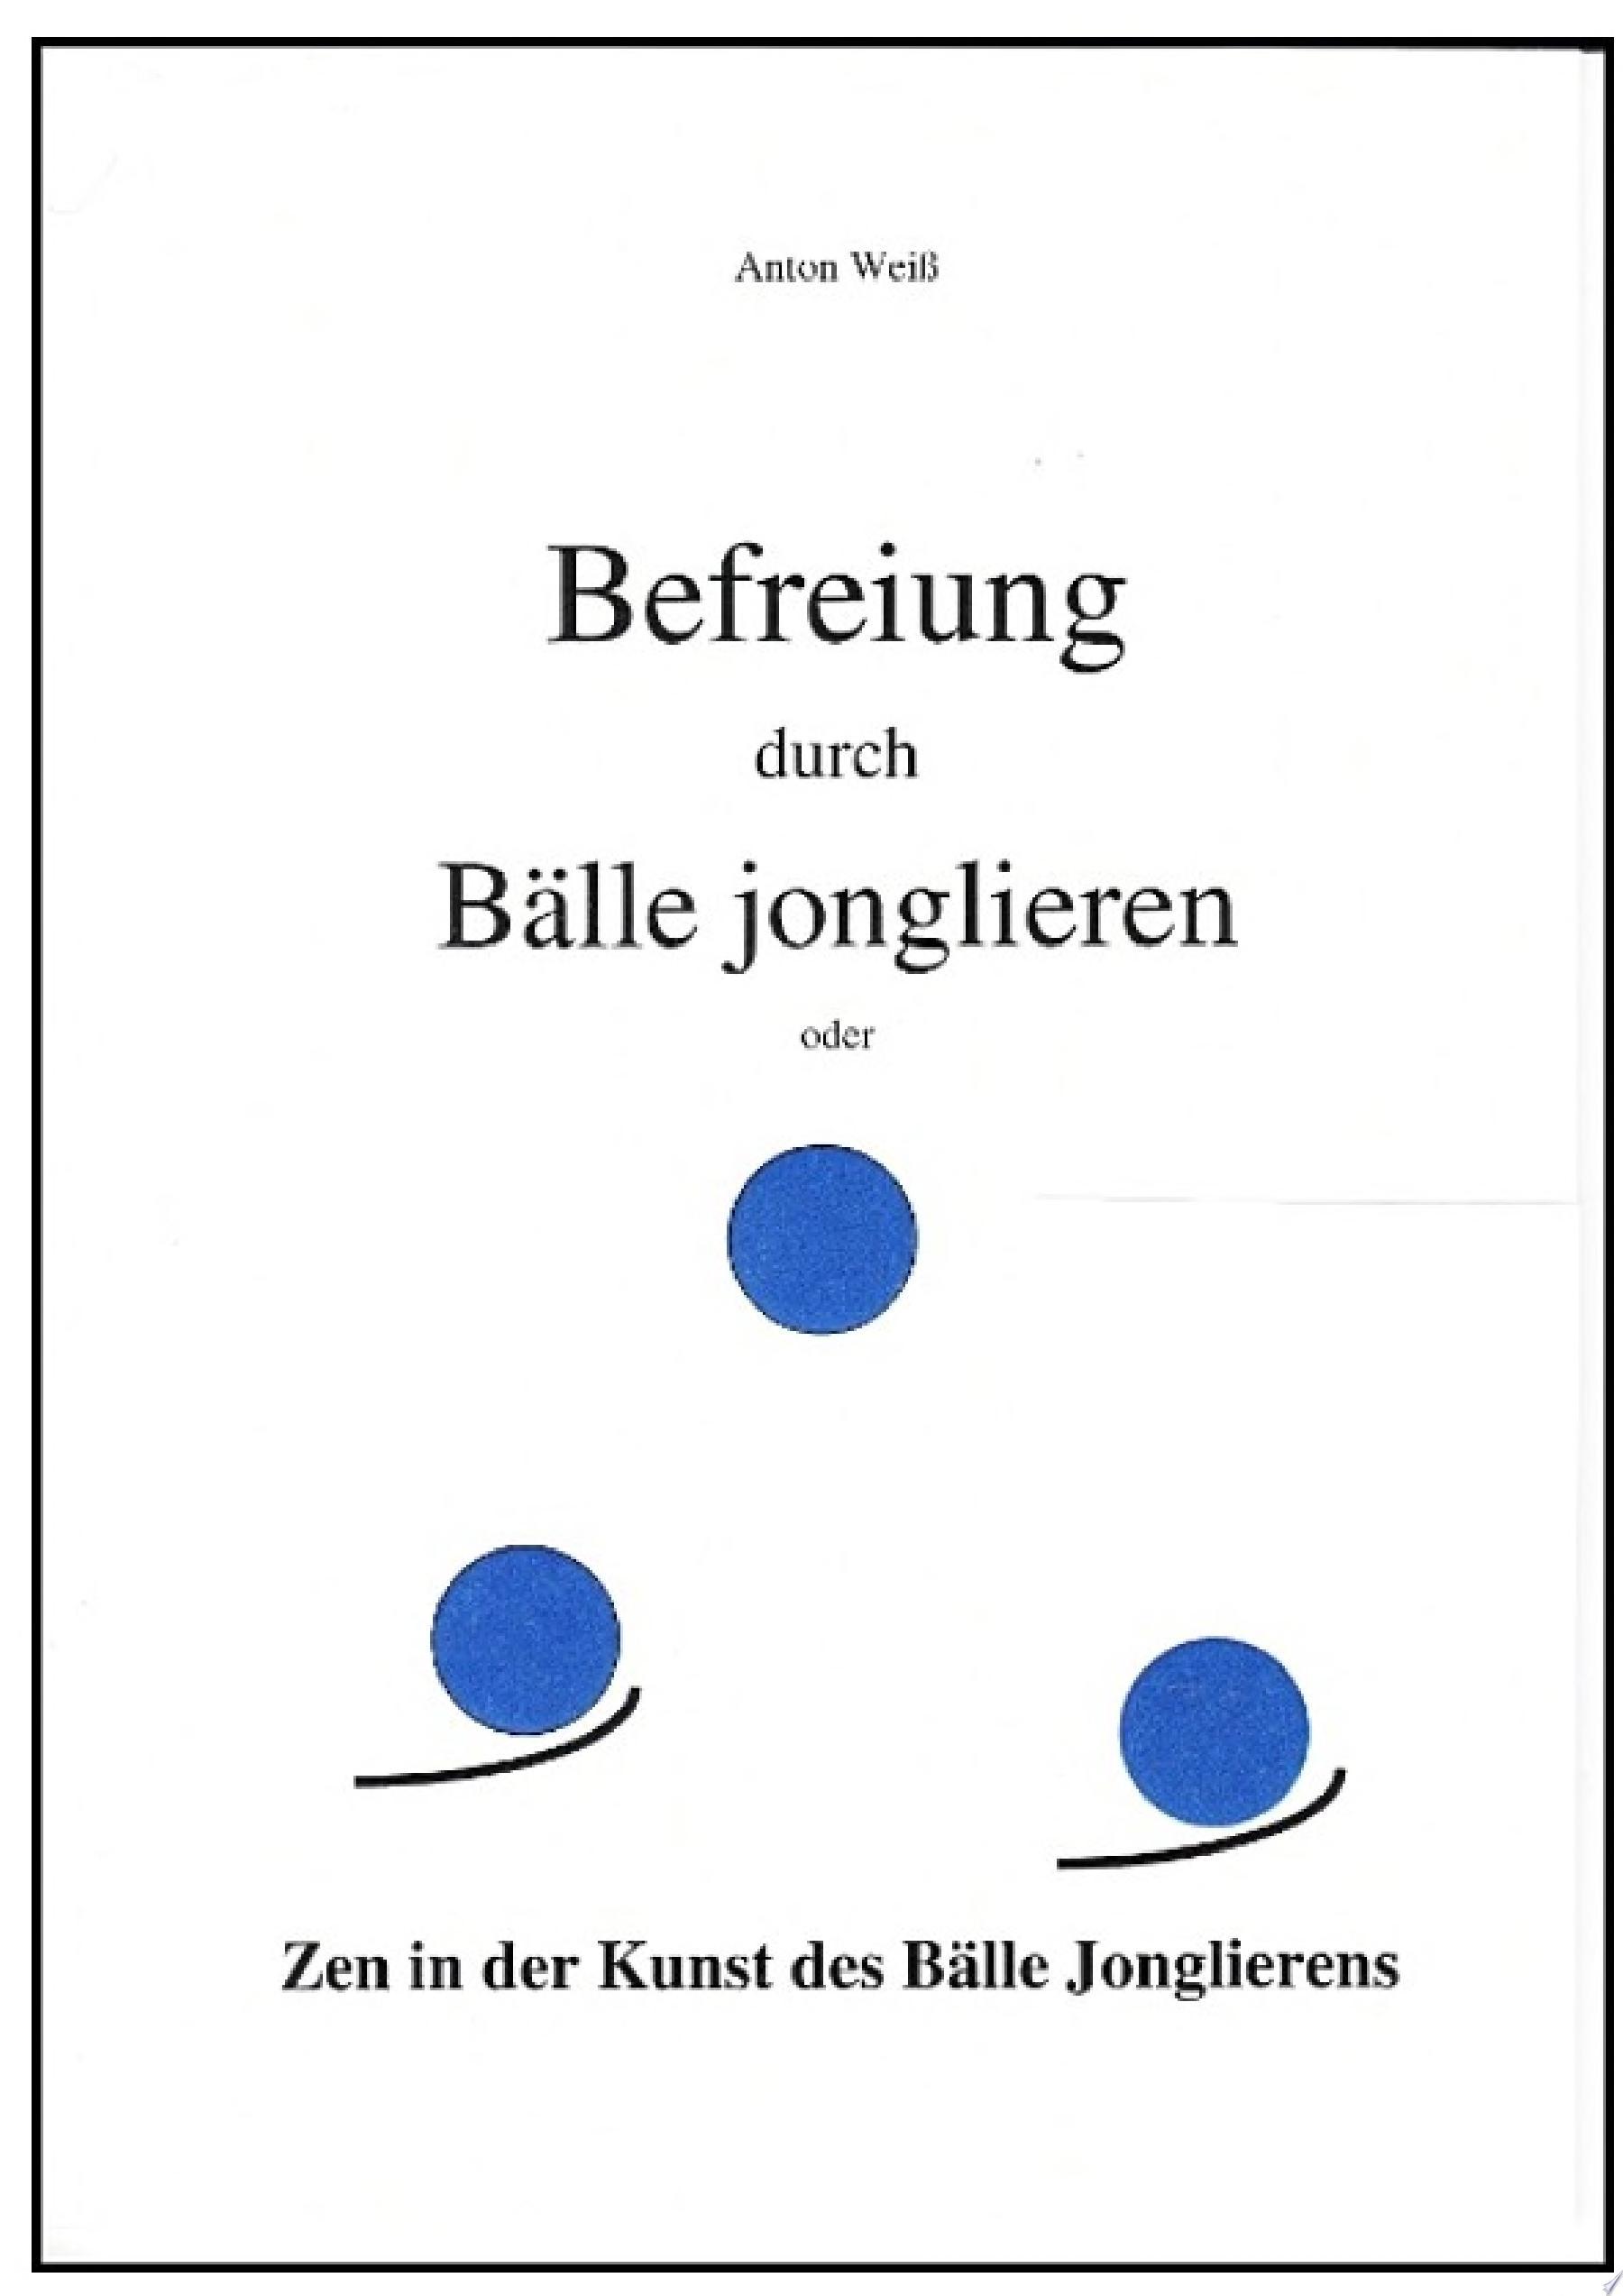 Befreiung durch B  lle jonglieren